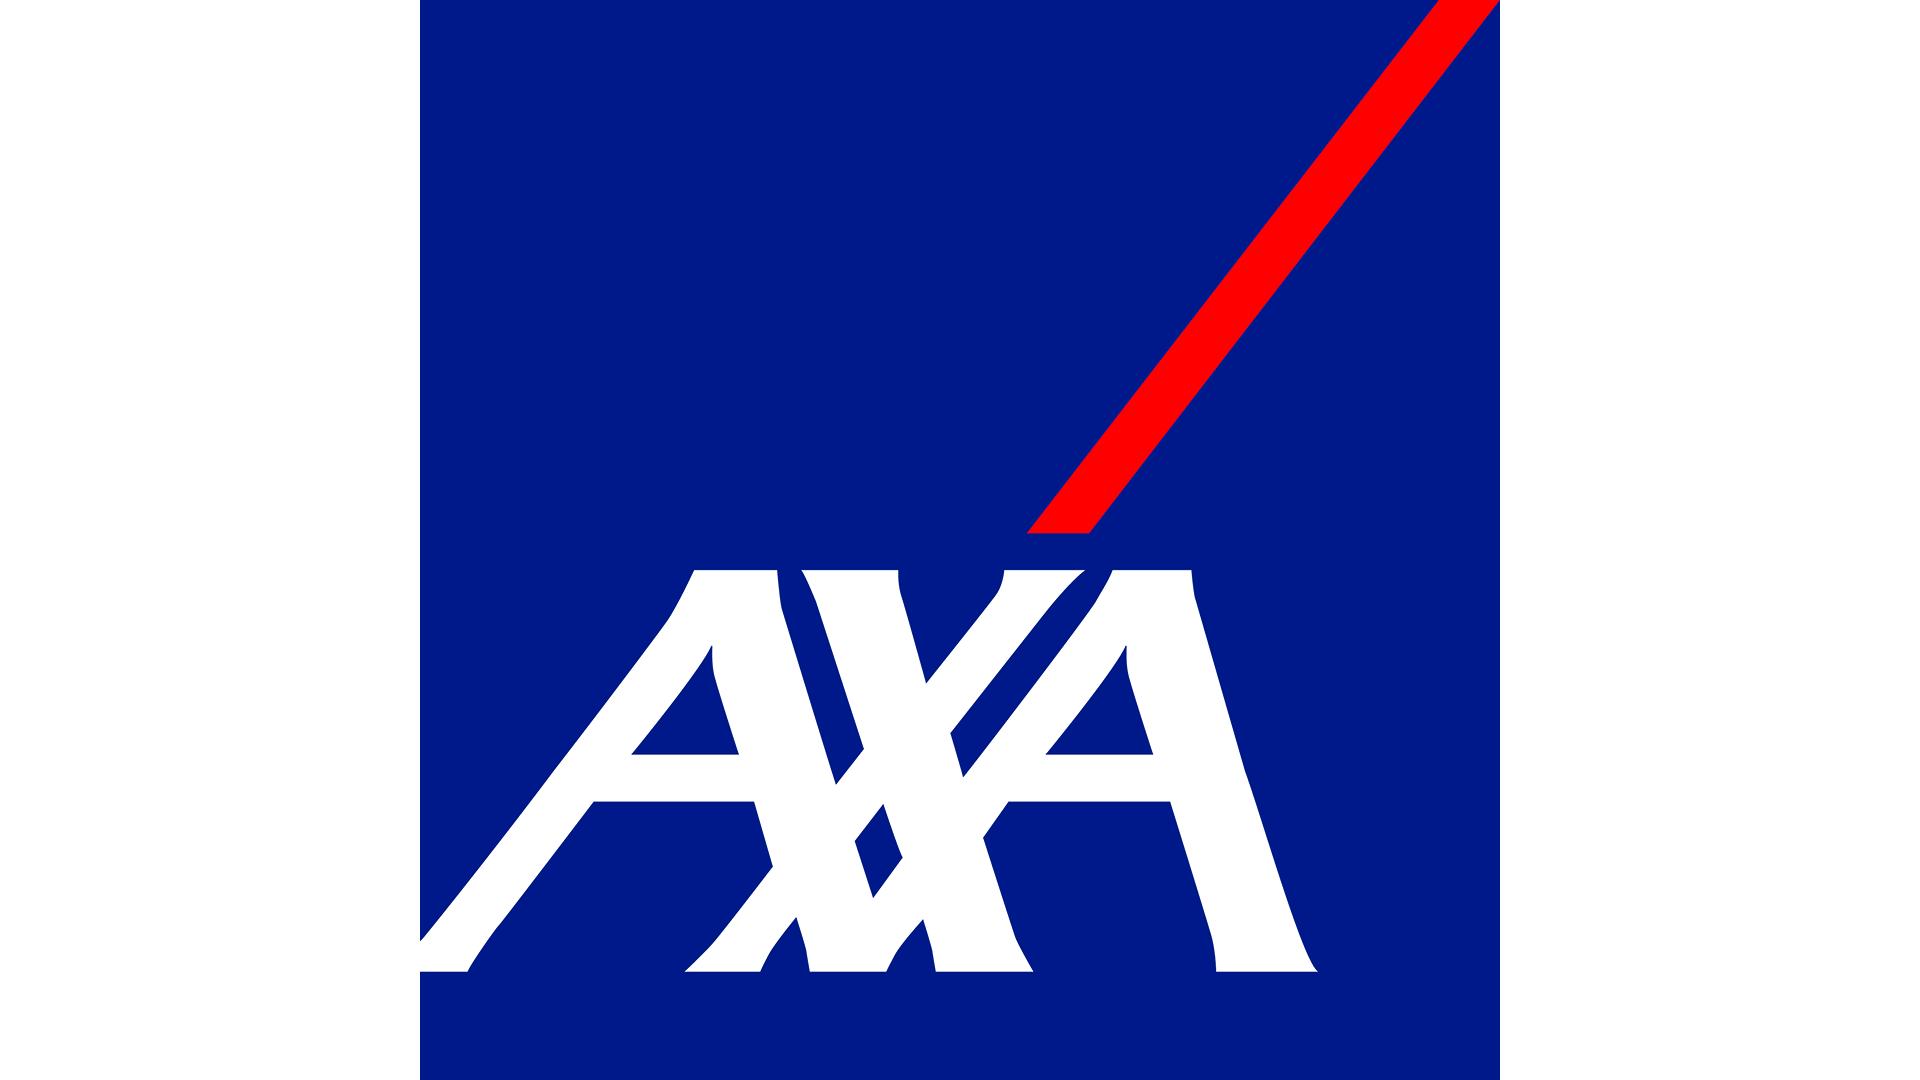 logo-axa-1920×1080